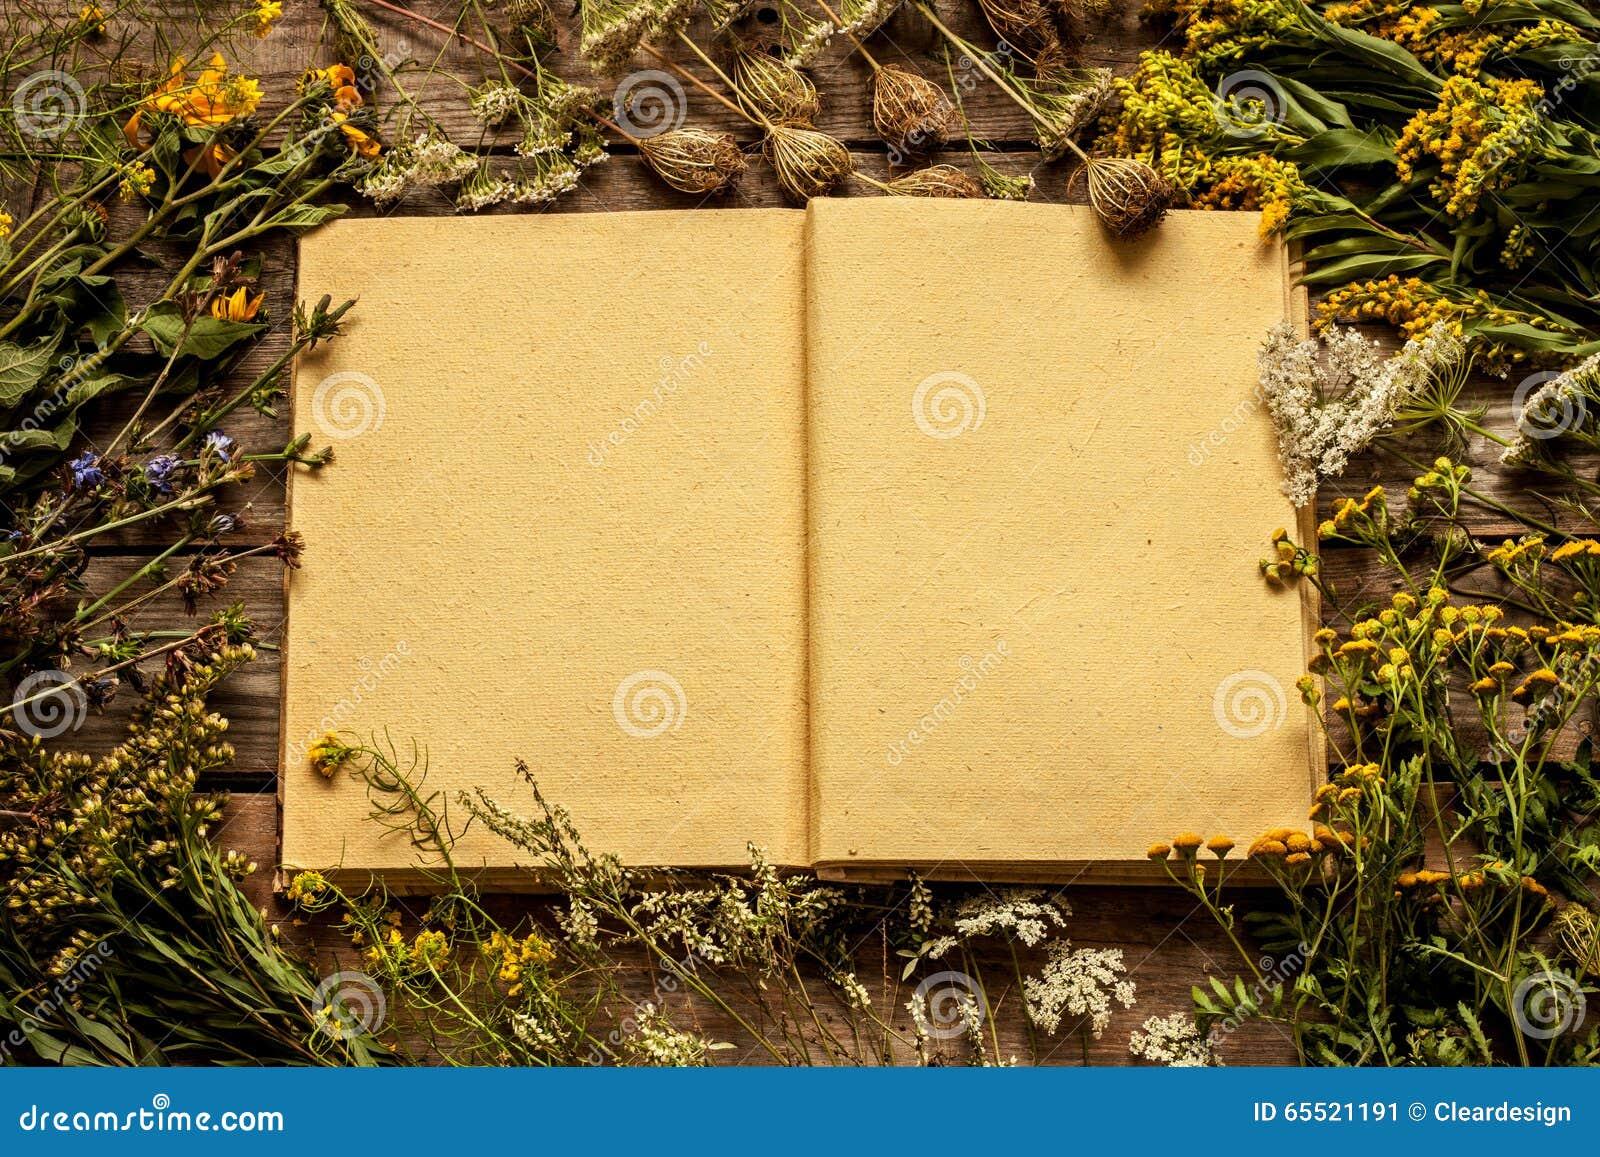 Spatie geopend boek met rond bloemen en installaties van de de recente zomer de de natuurlijke weide